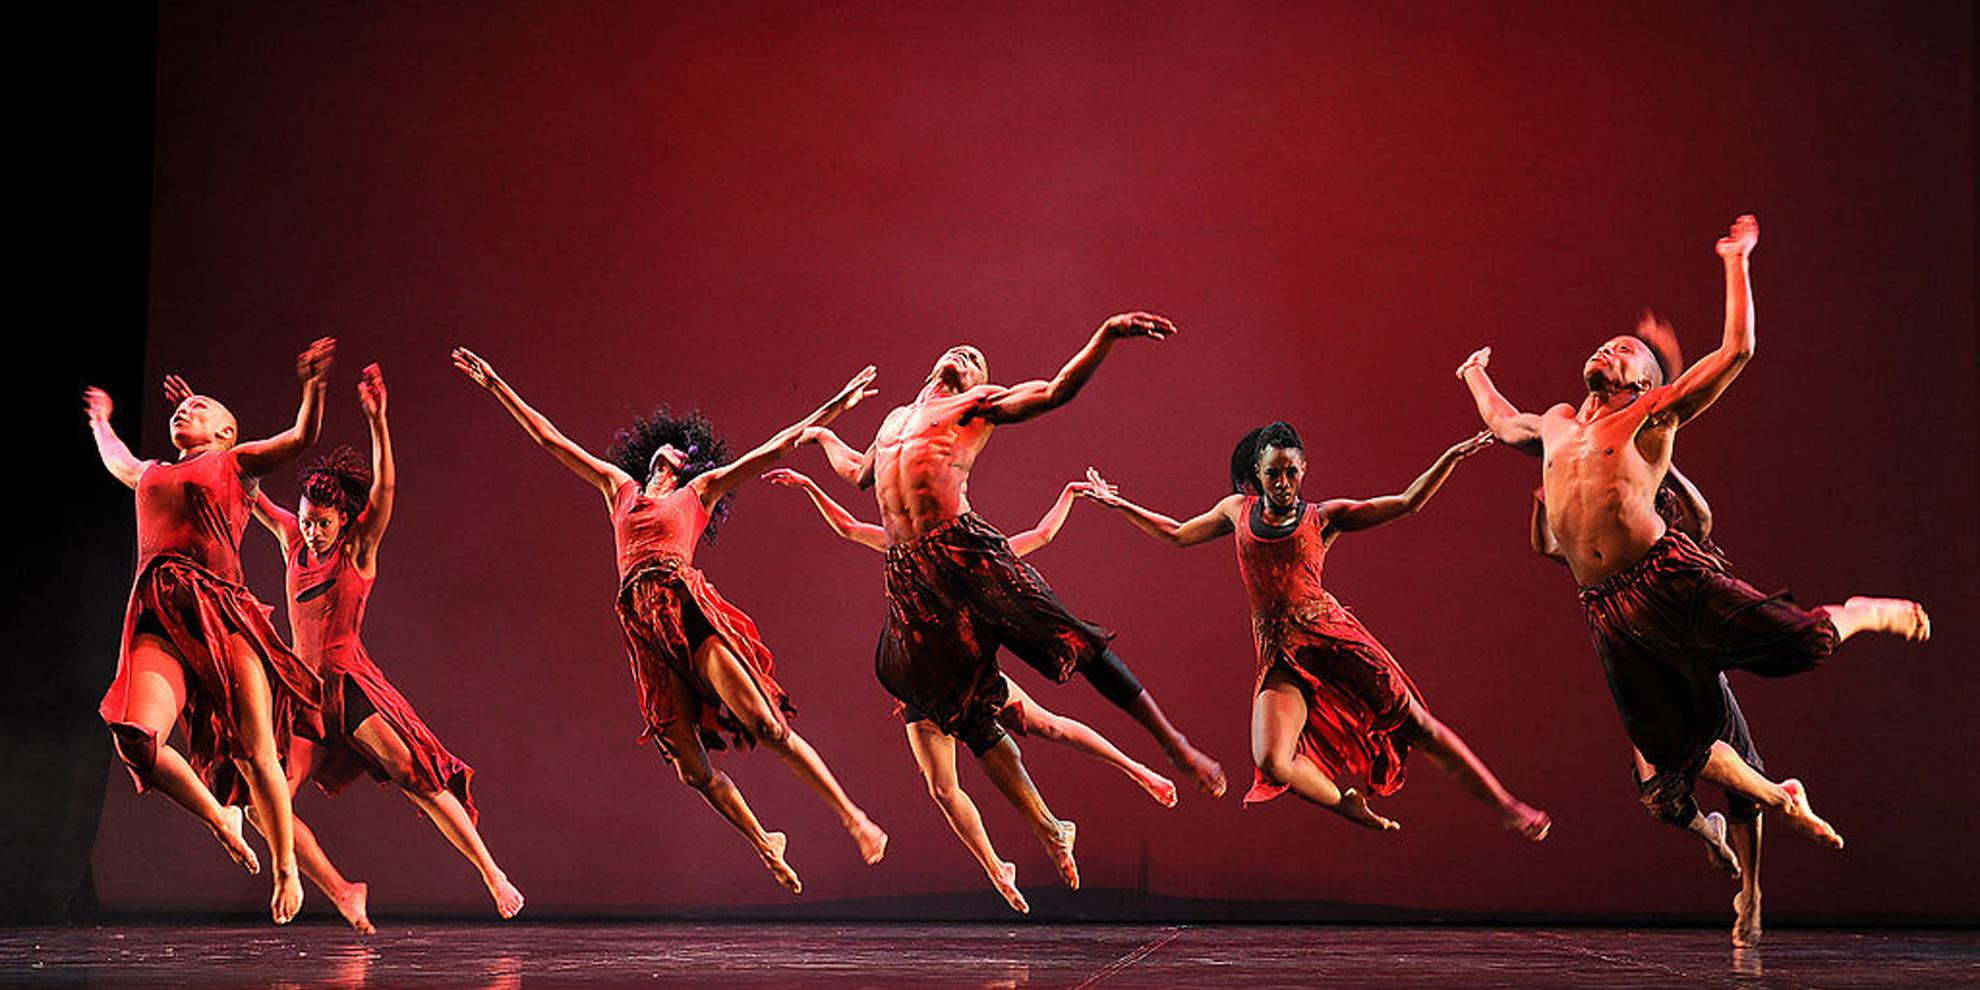 dansende mensen op toneel